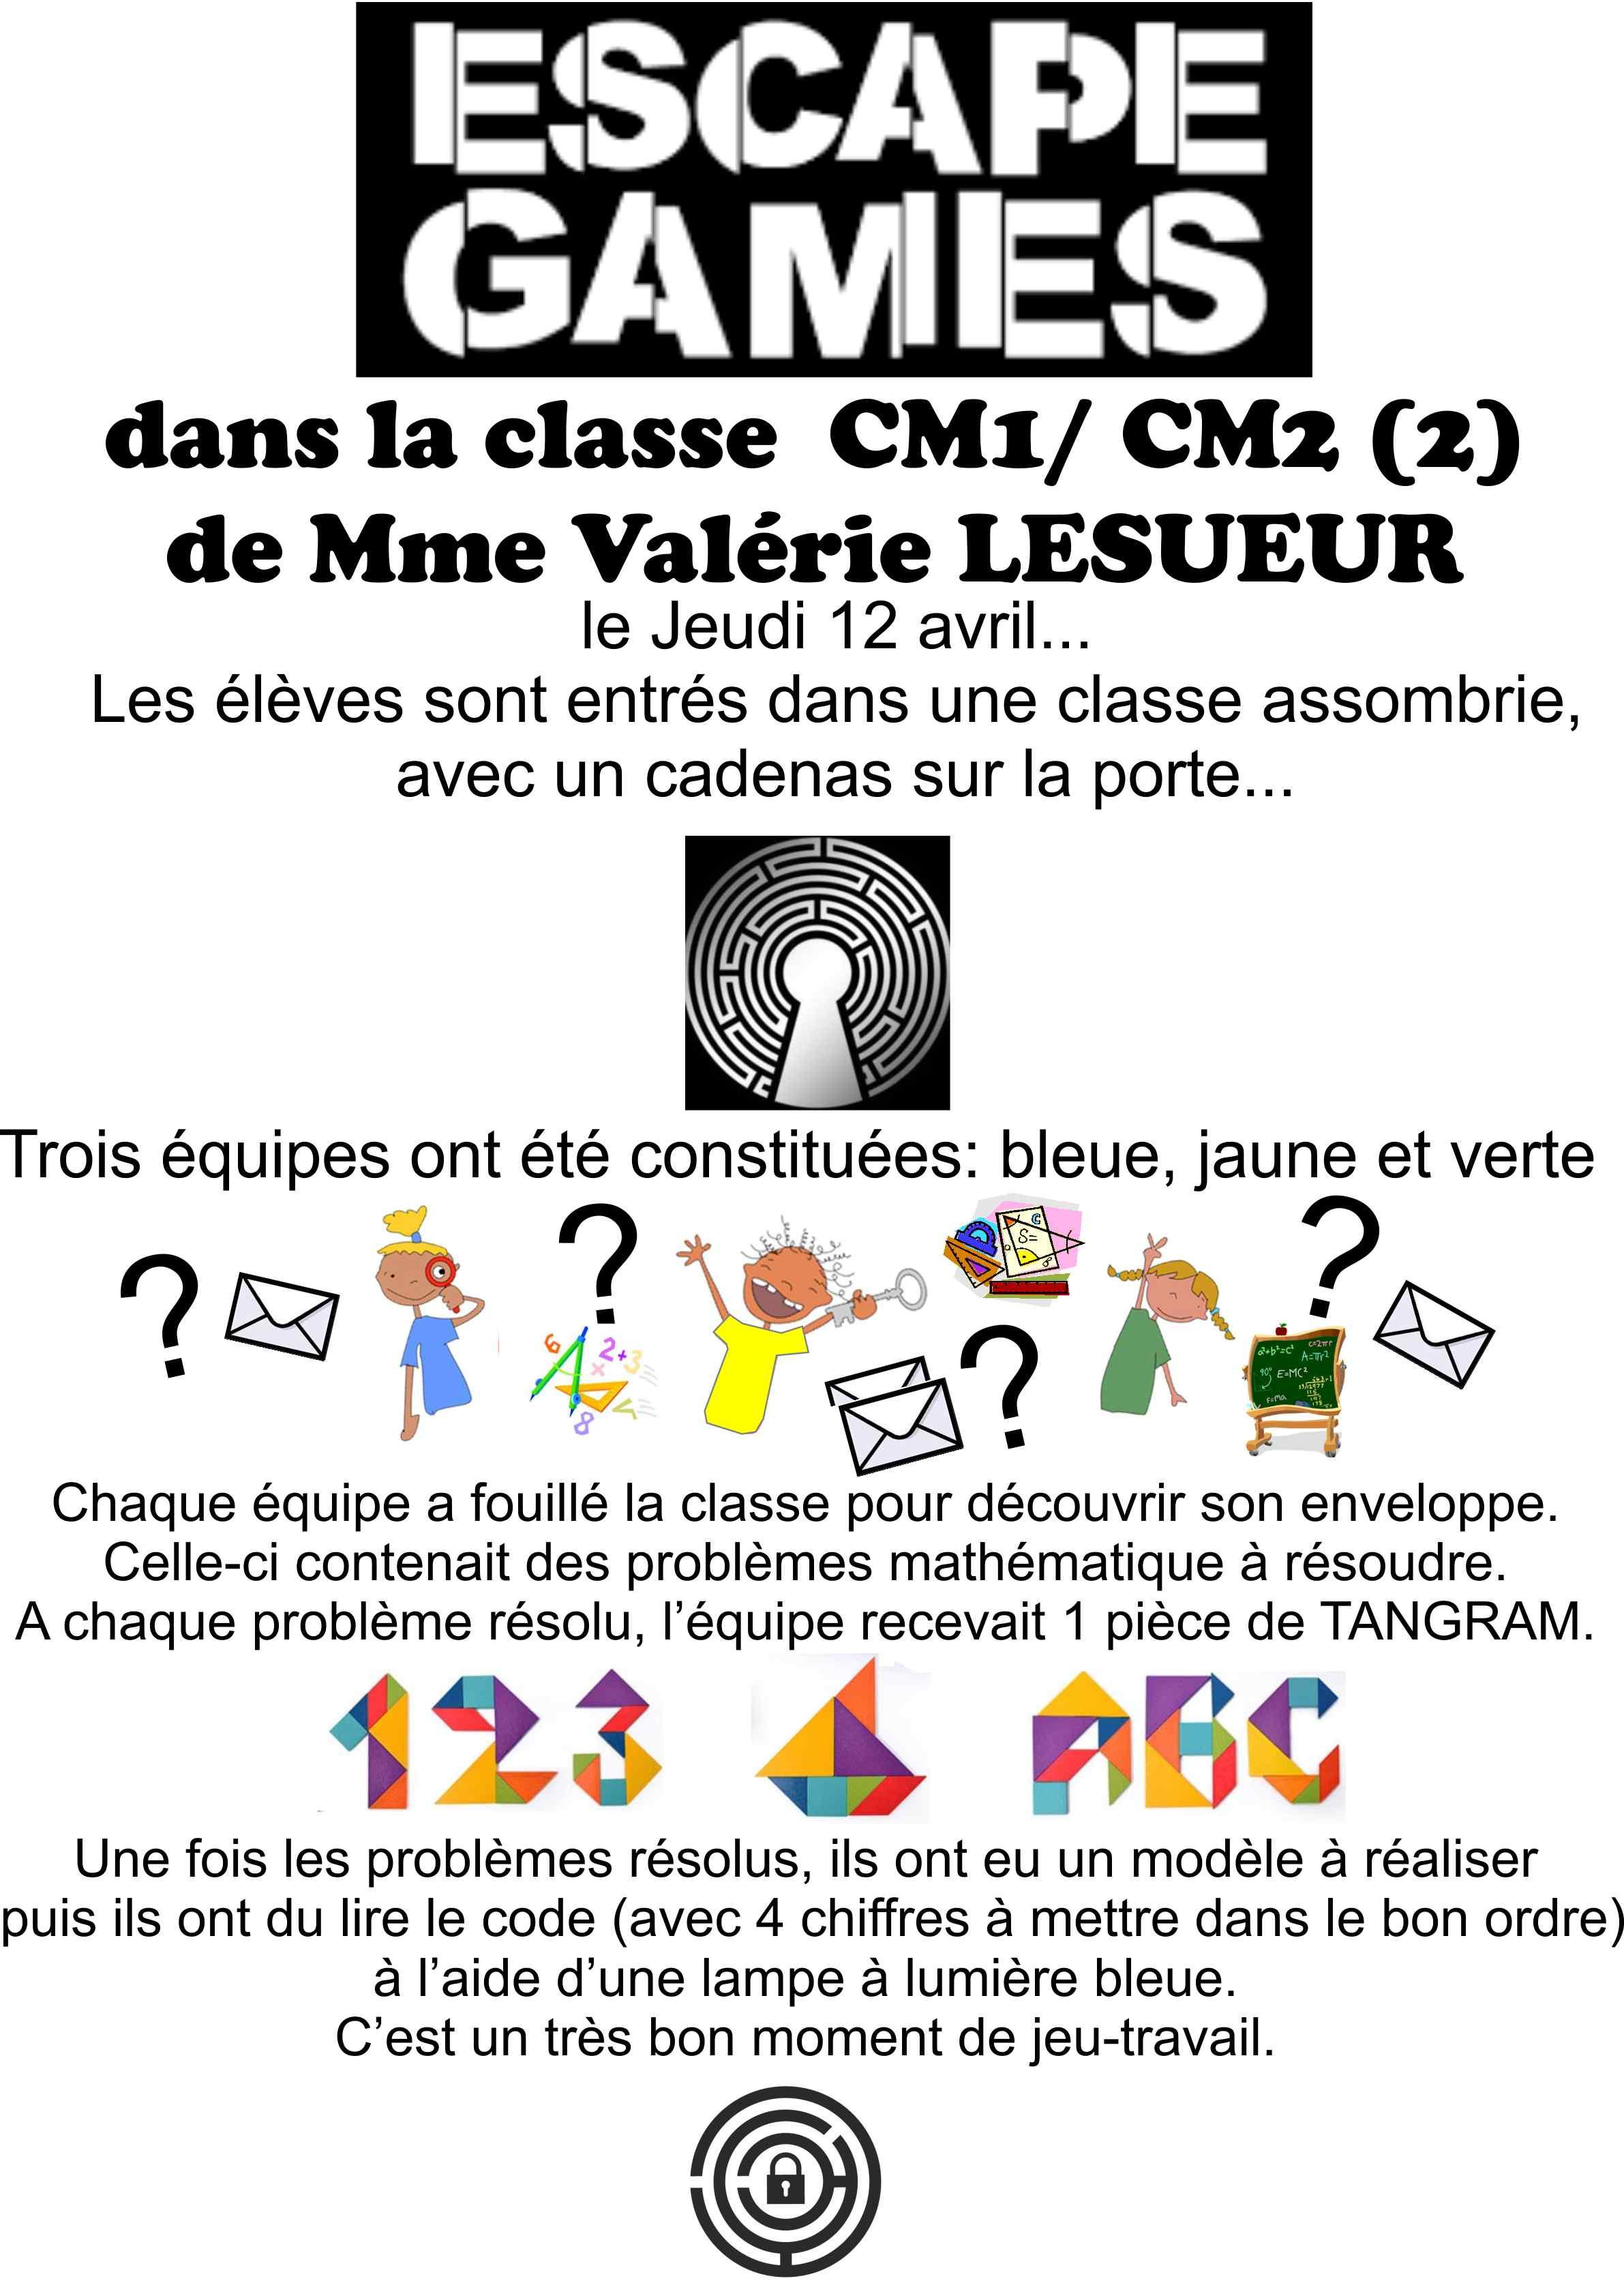 Escape Game En Cm1 Cm2 2 Avec Mme Valérie Lesueur Ecole